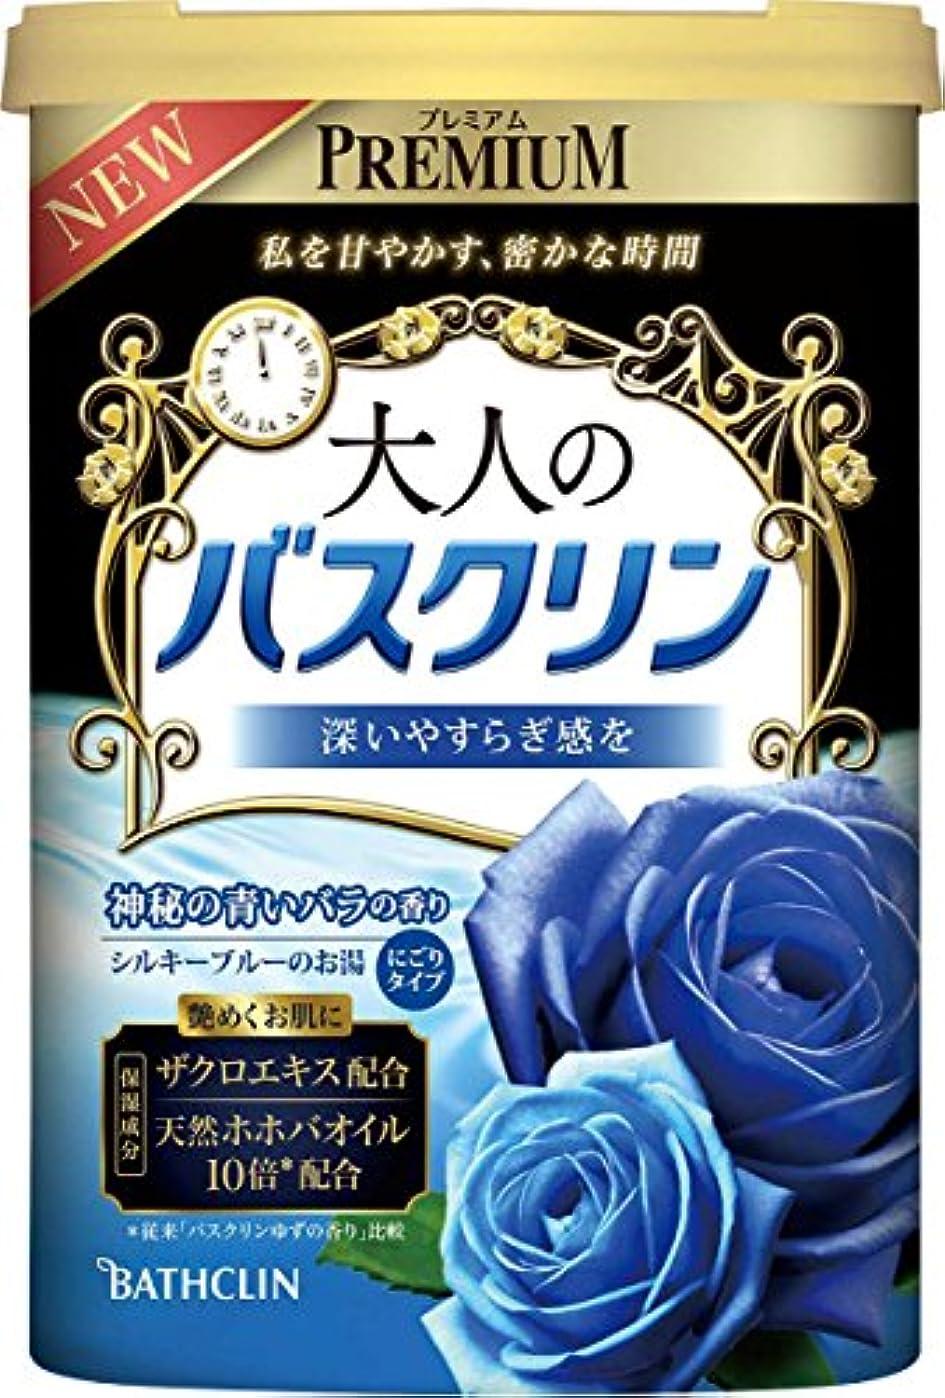 失速先行する被害者大人のバスクリン 神秘の青いバラの香り 600g入浴剤